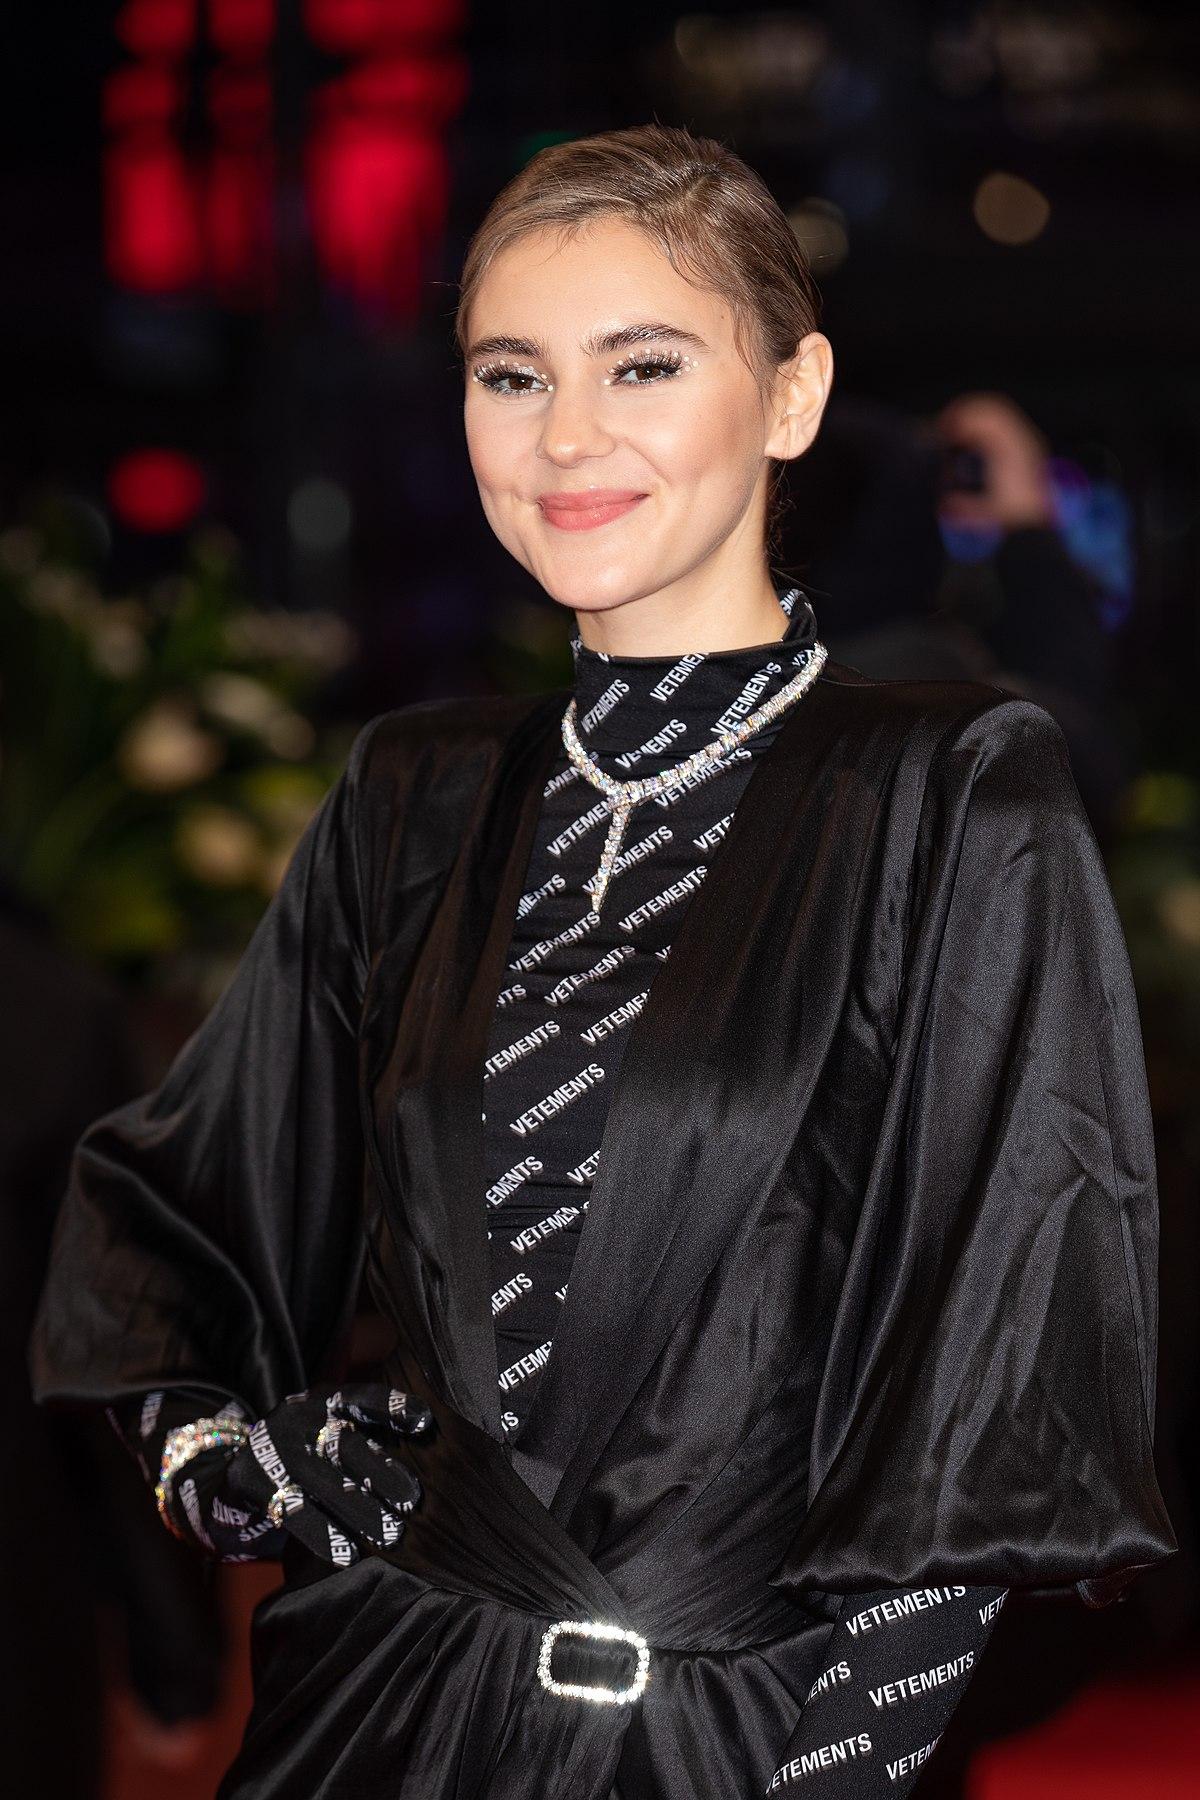 Stefanie Giessinger